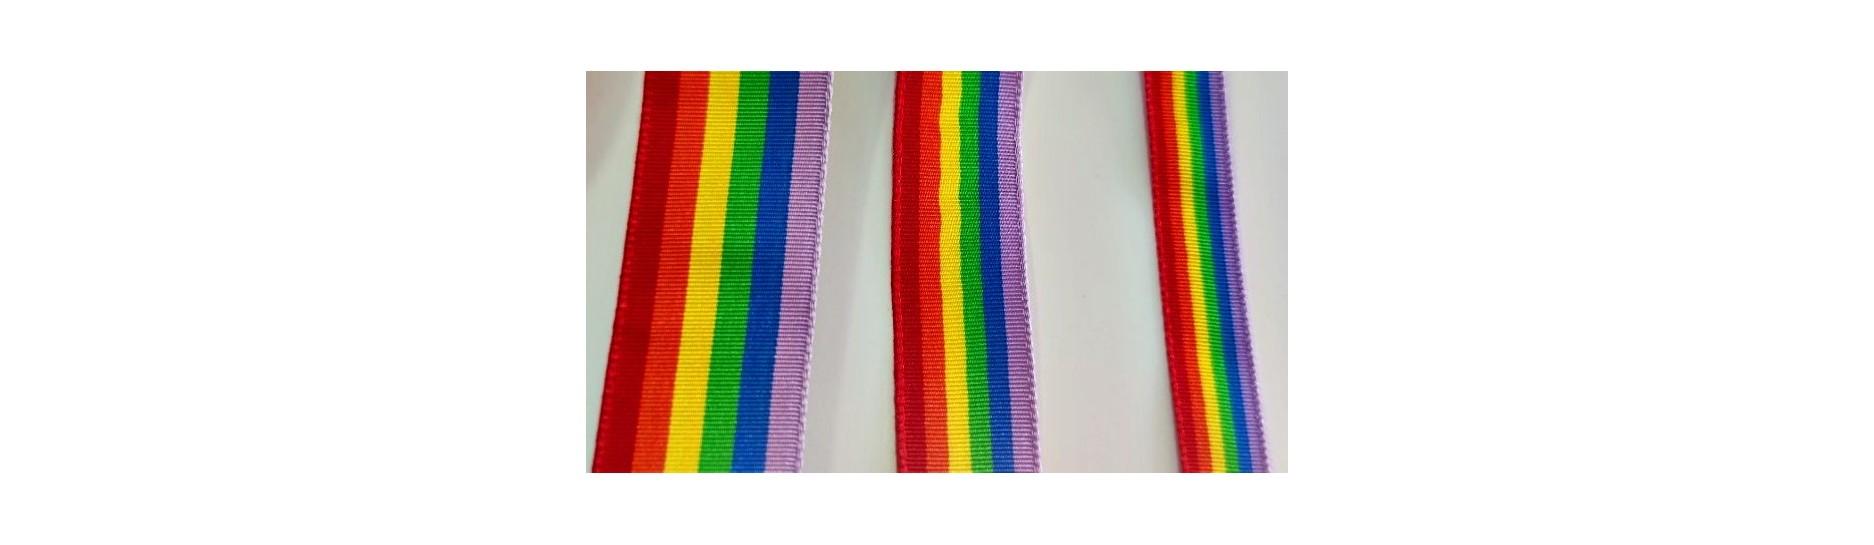 Cinta bandera Arcoiris -  Mercería Online Sonia®  ◁